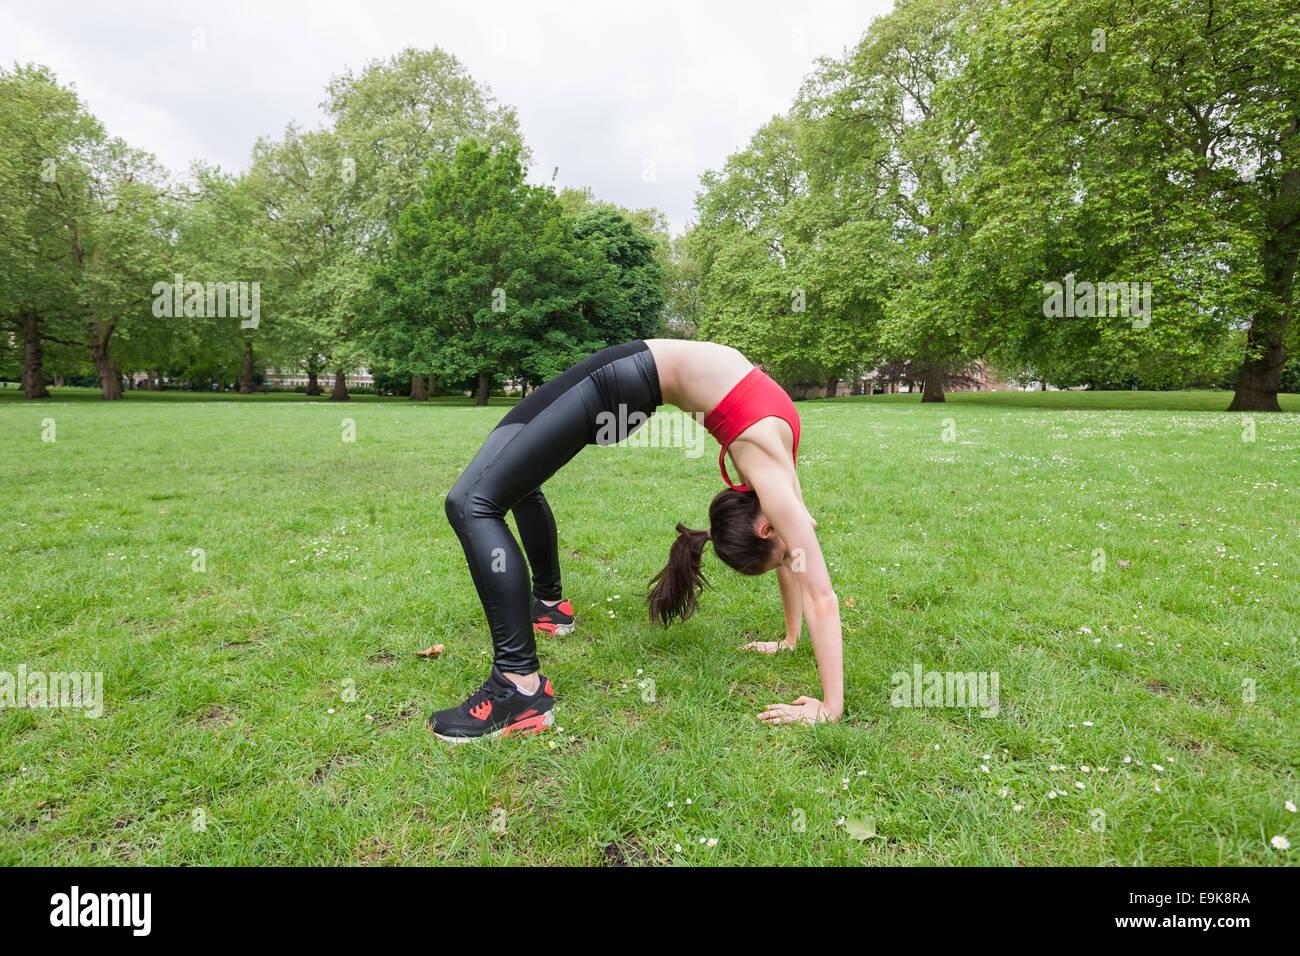 Vue latérale sur toute la longueur de la fit woman exercising in park Banque D'Images